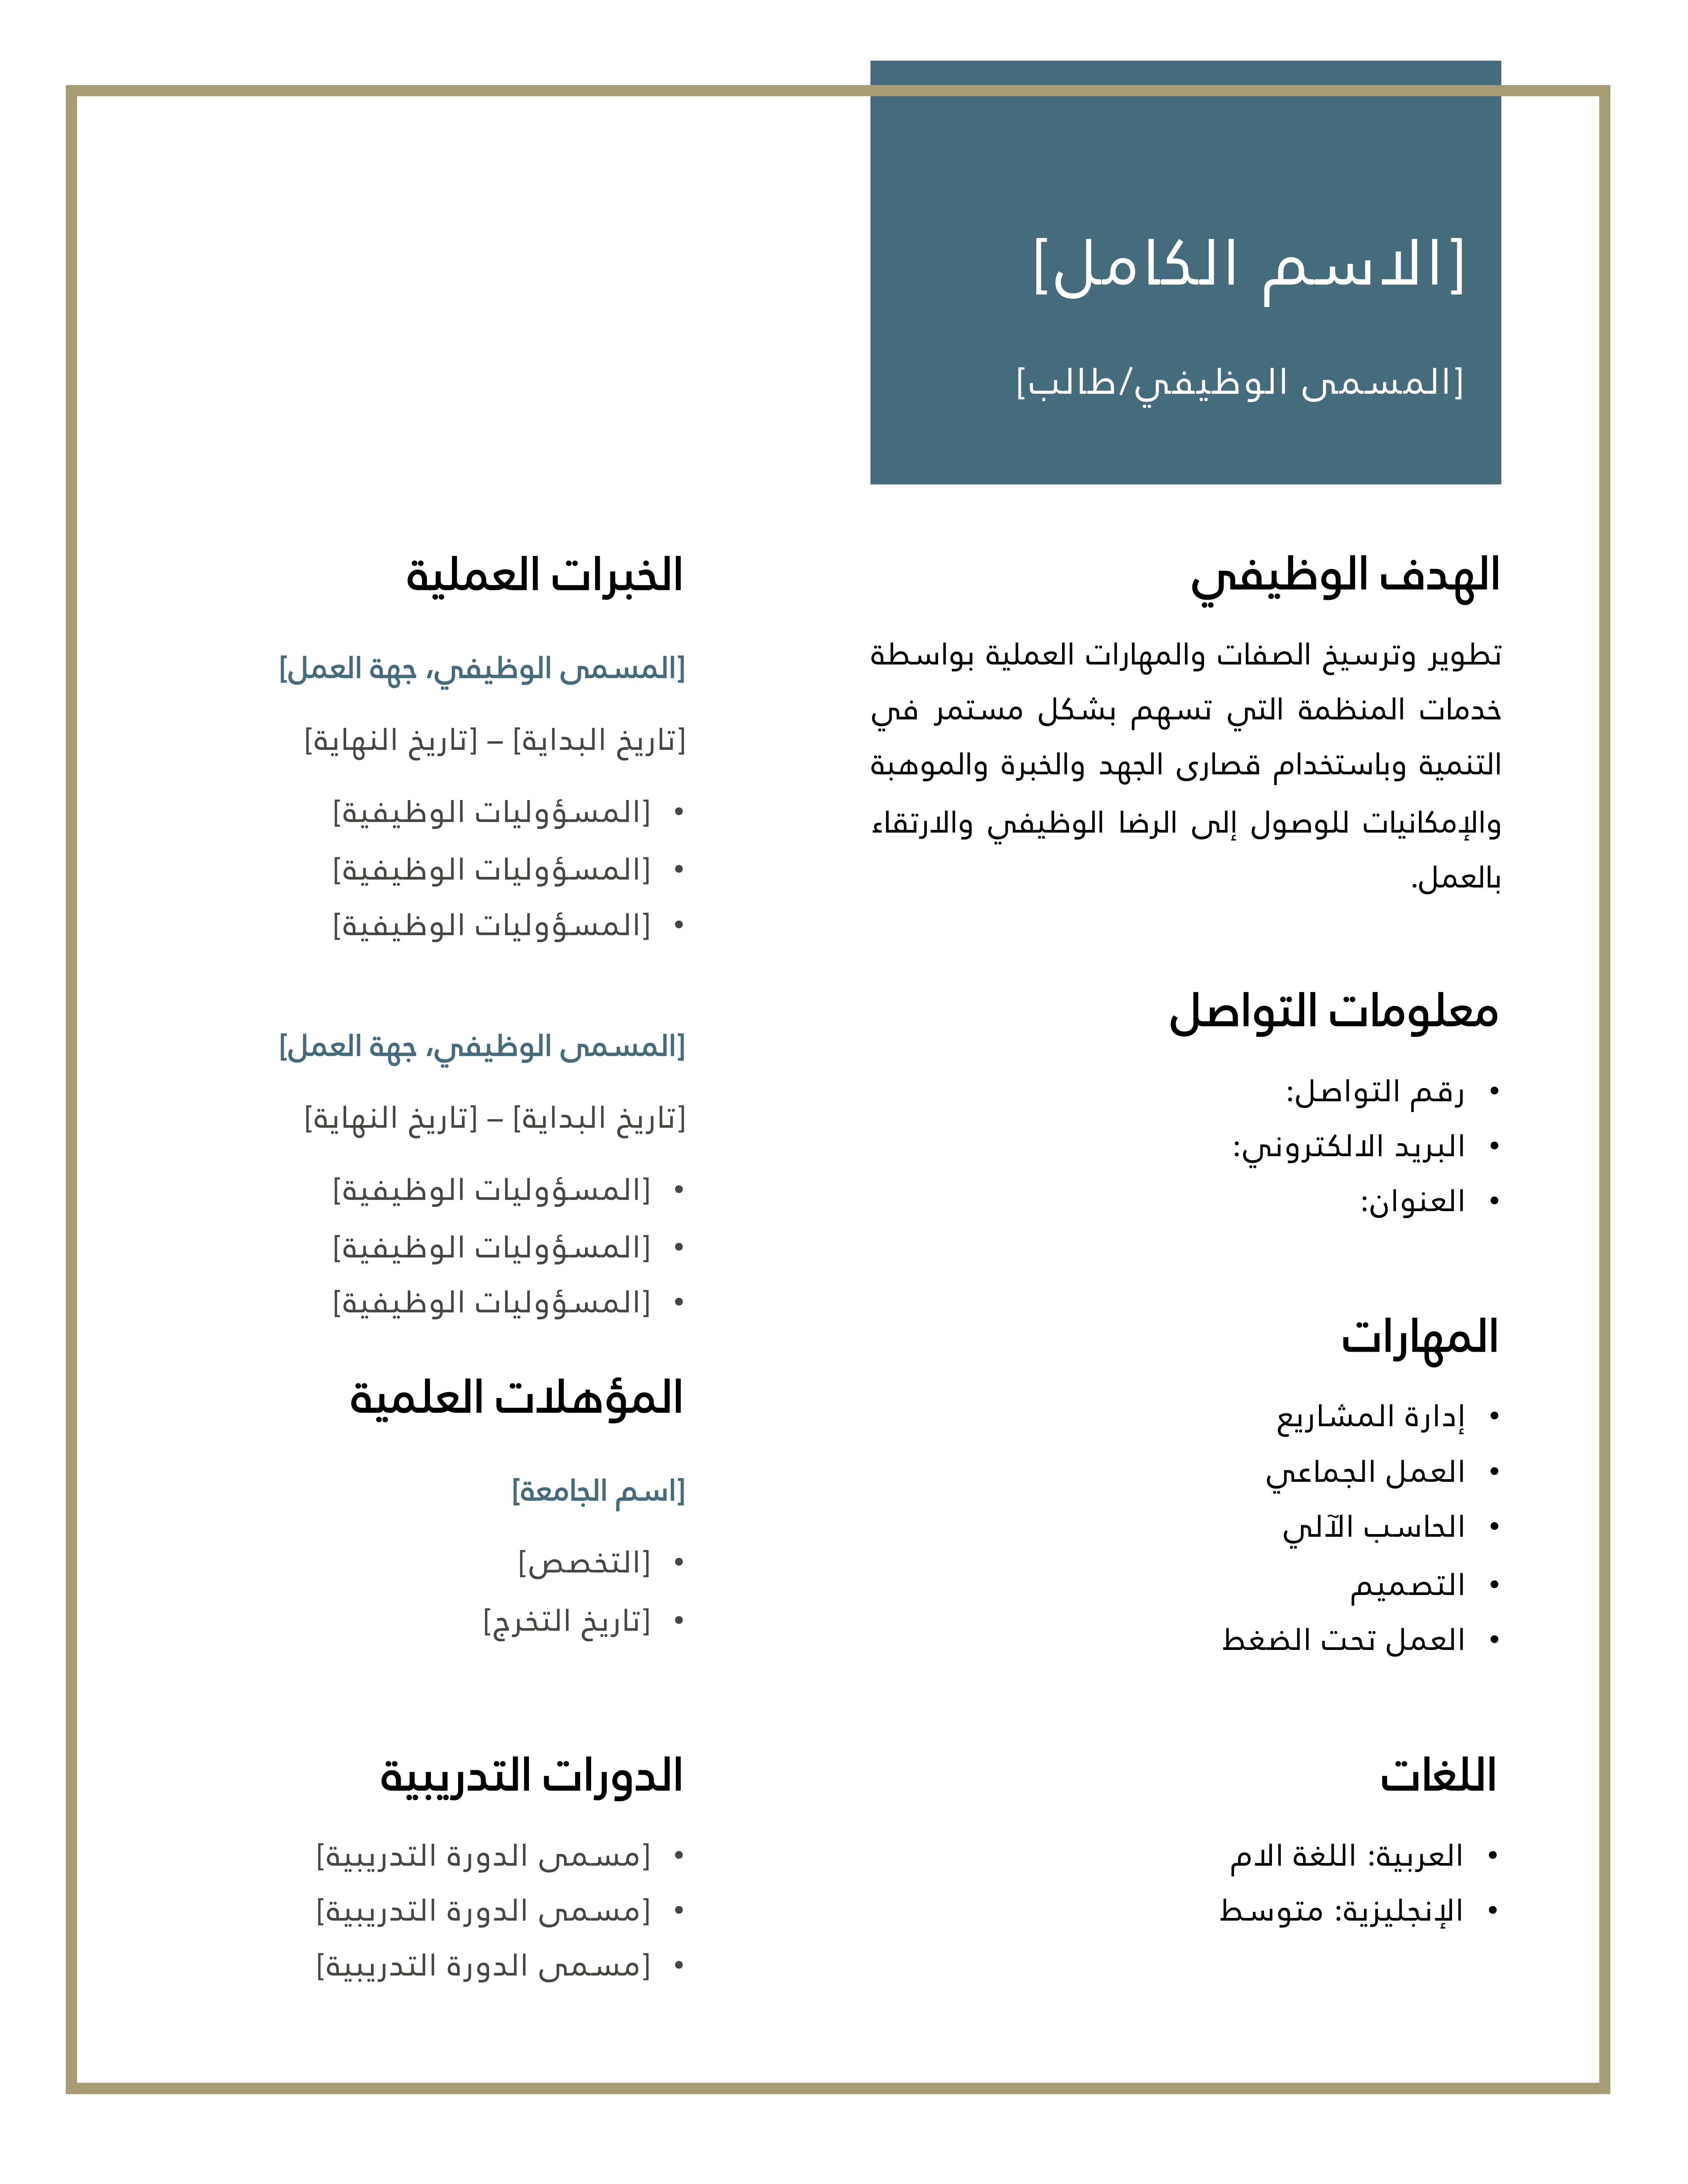 قالب سيرة ذاتية عربي ذهبي مع ازرق للتحميل In 2021